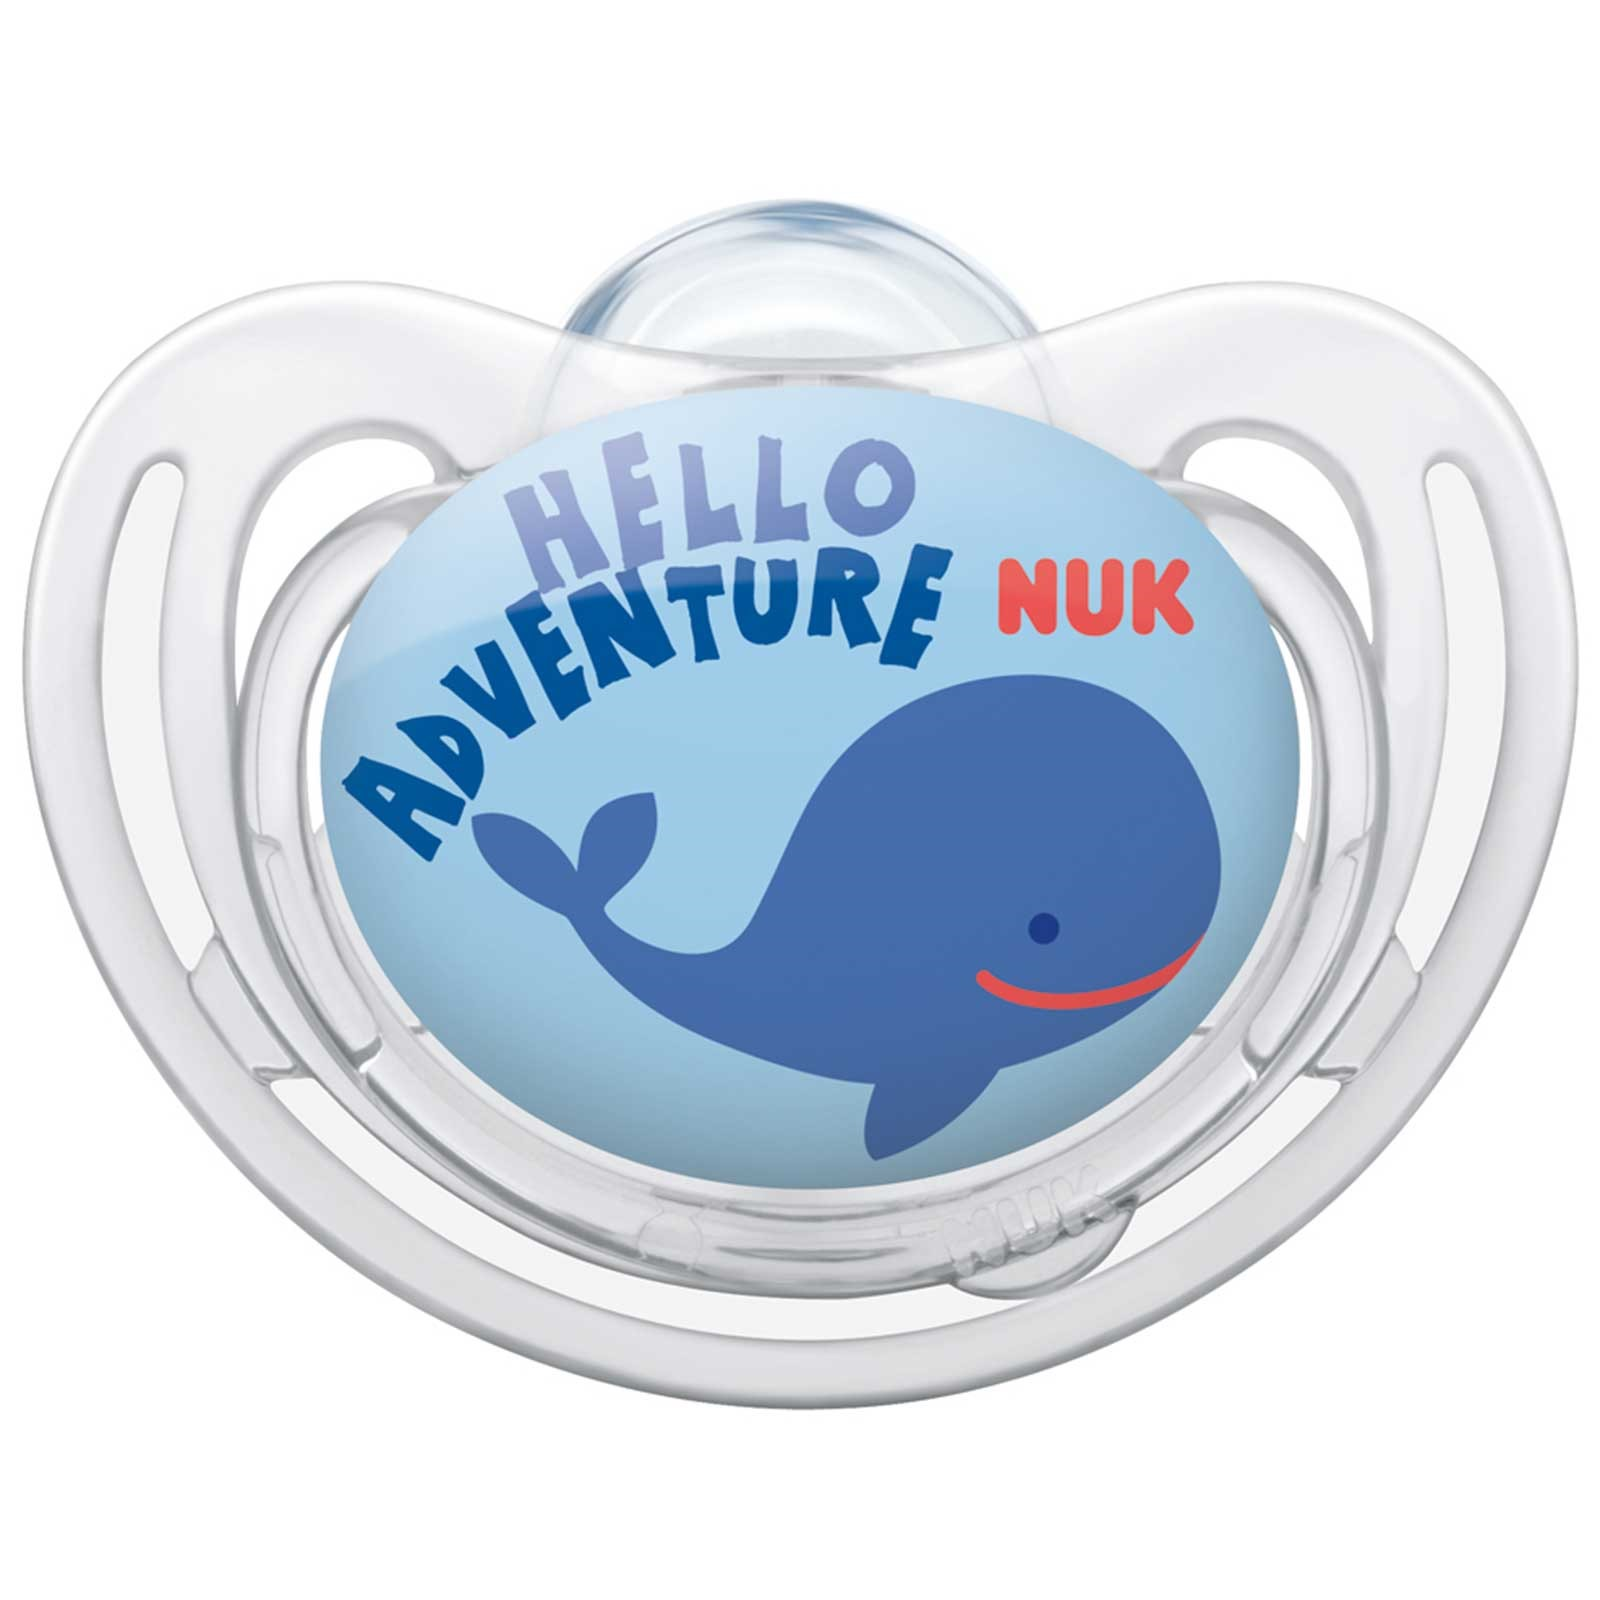 Пустышка силиконовая для сна NUK Freestyle, от 18 до 36 месяцев, ортодонтическая пустышка силиконовая nuk genius ортодонтическая от 18 до 36 месяцев цвет белый голубой